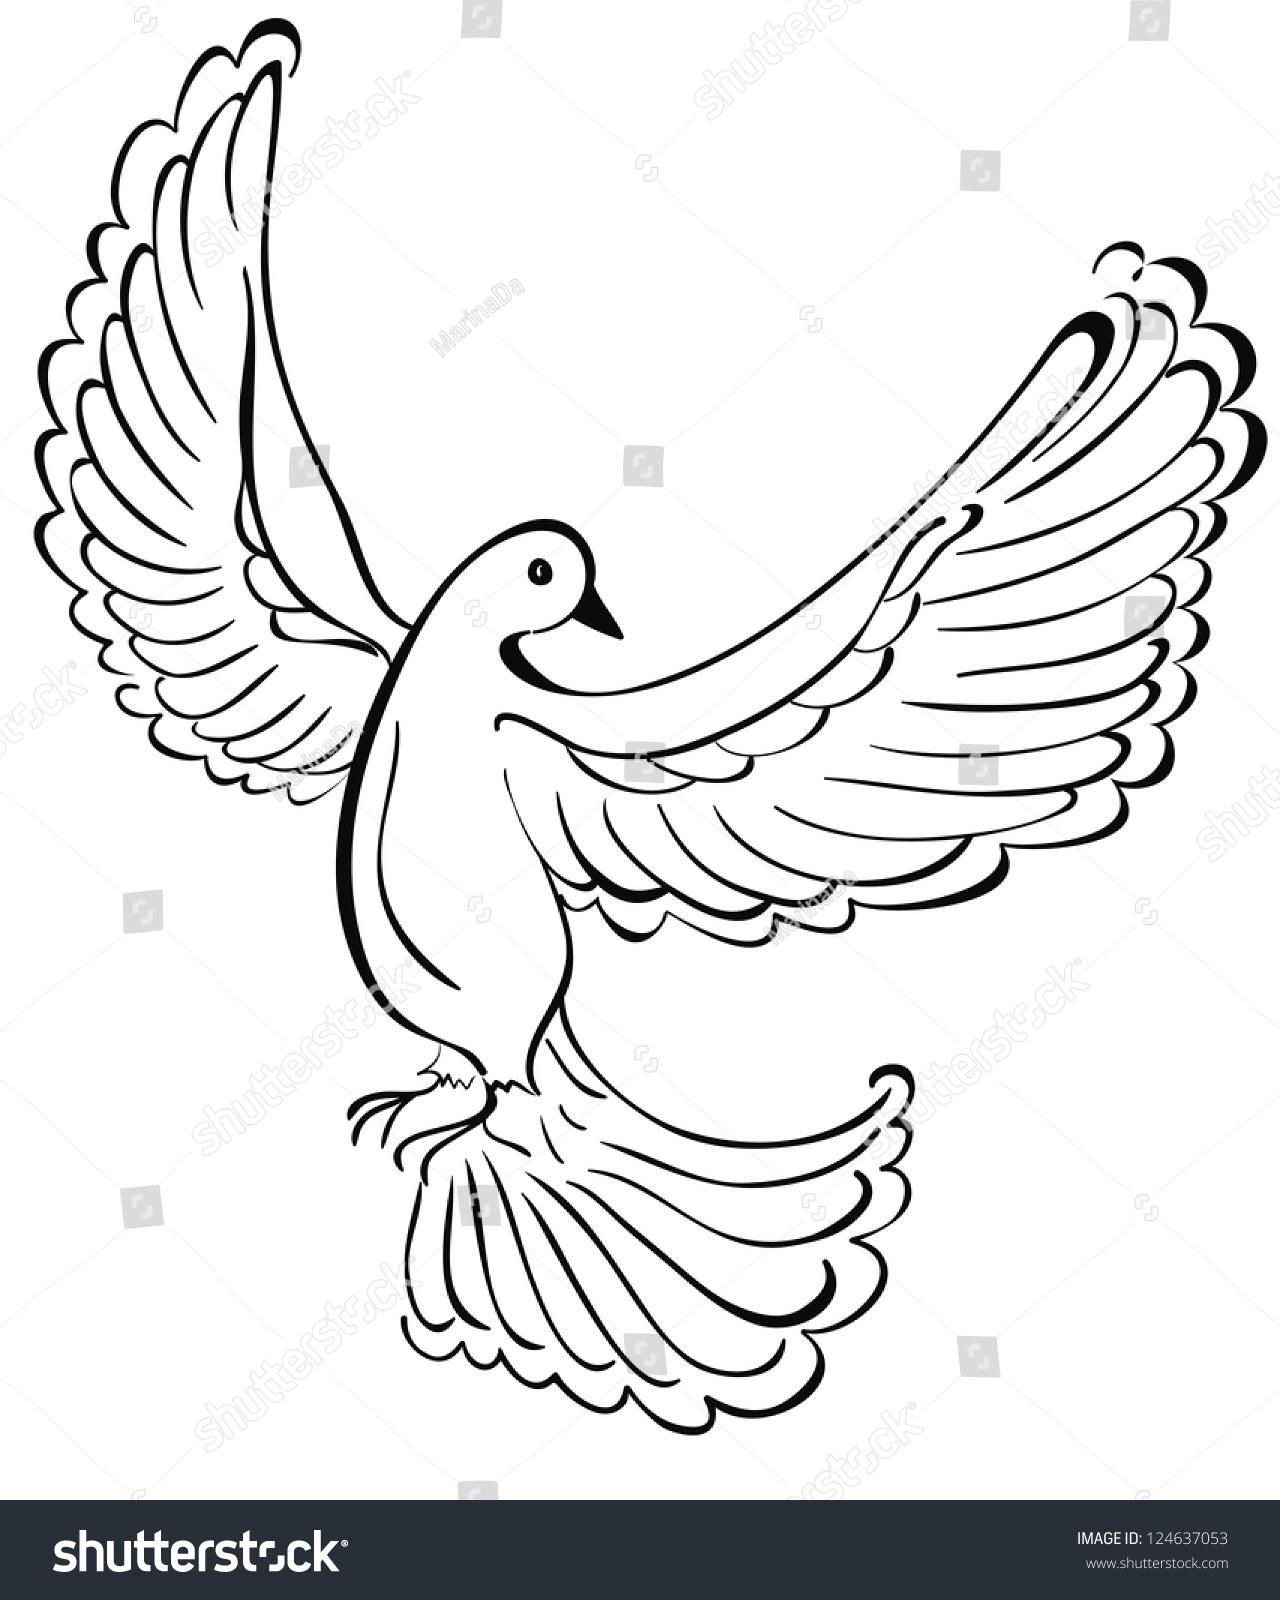 Vector Illustration Of Flying Dove - 124637053 : Shutterstock